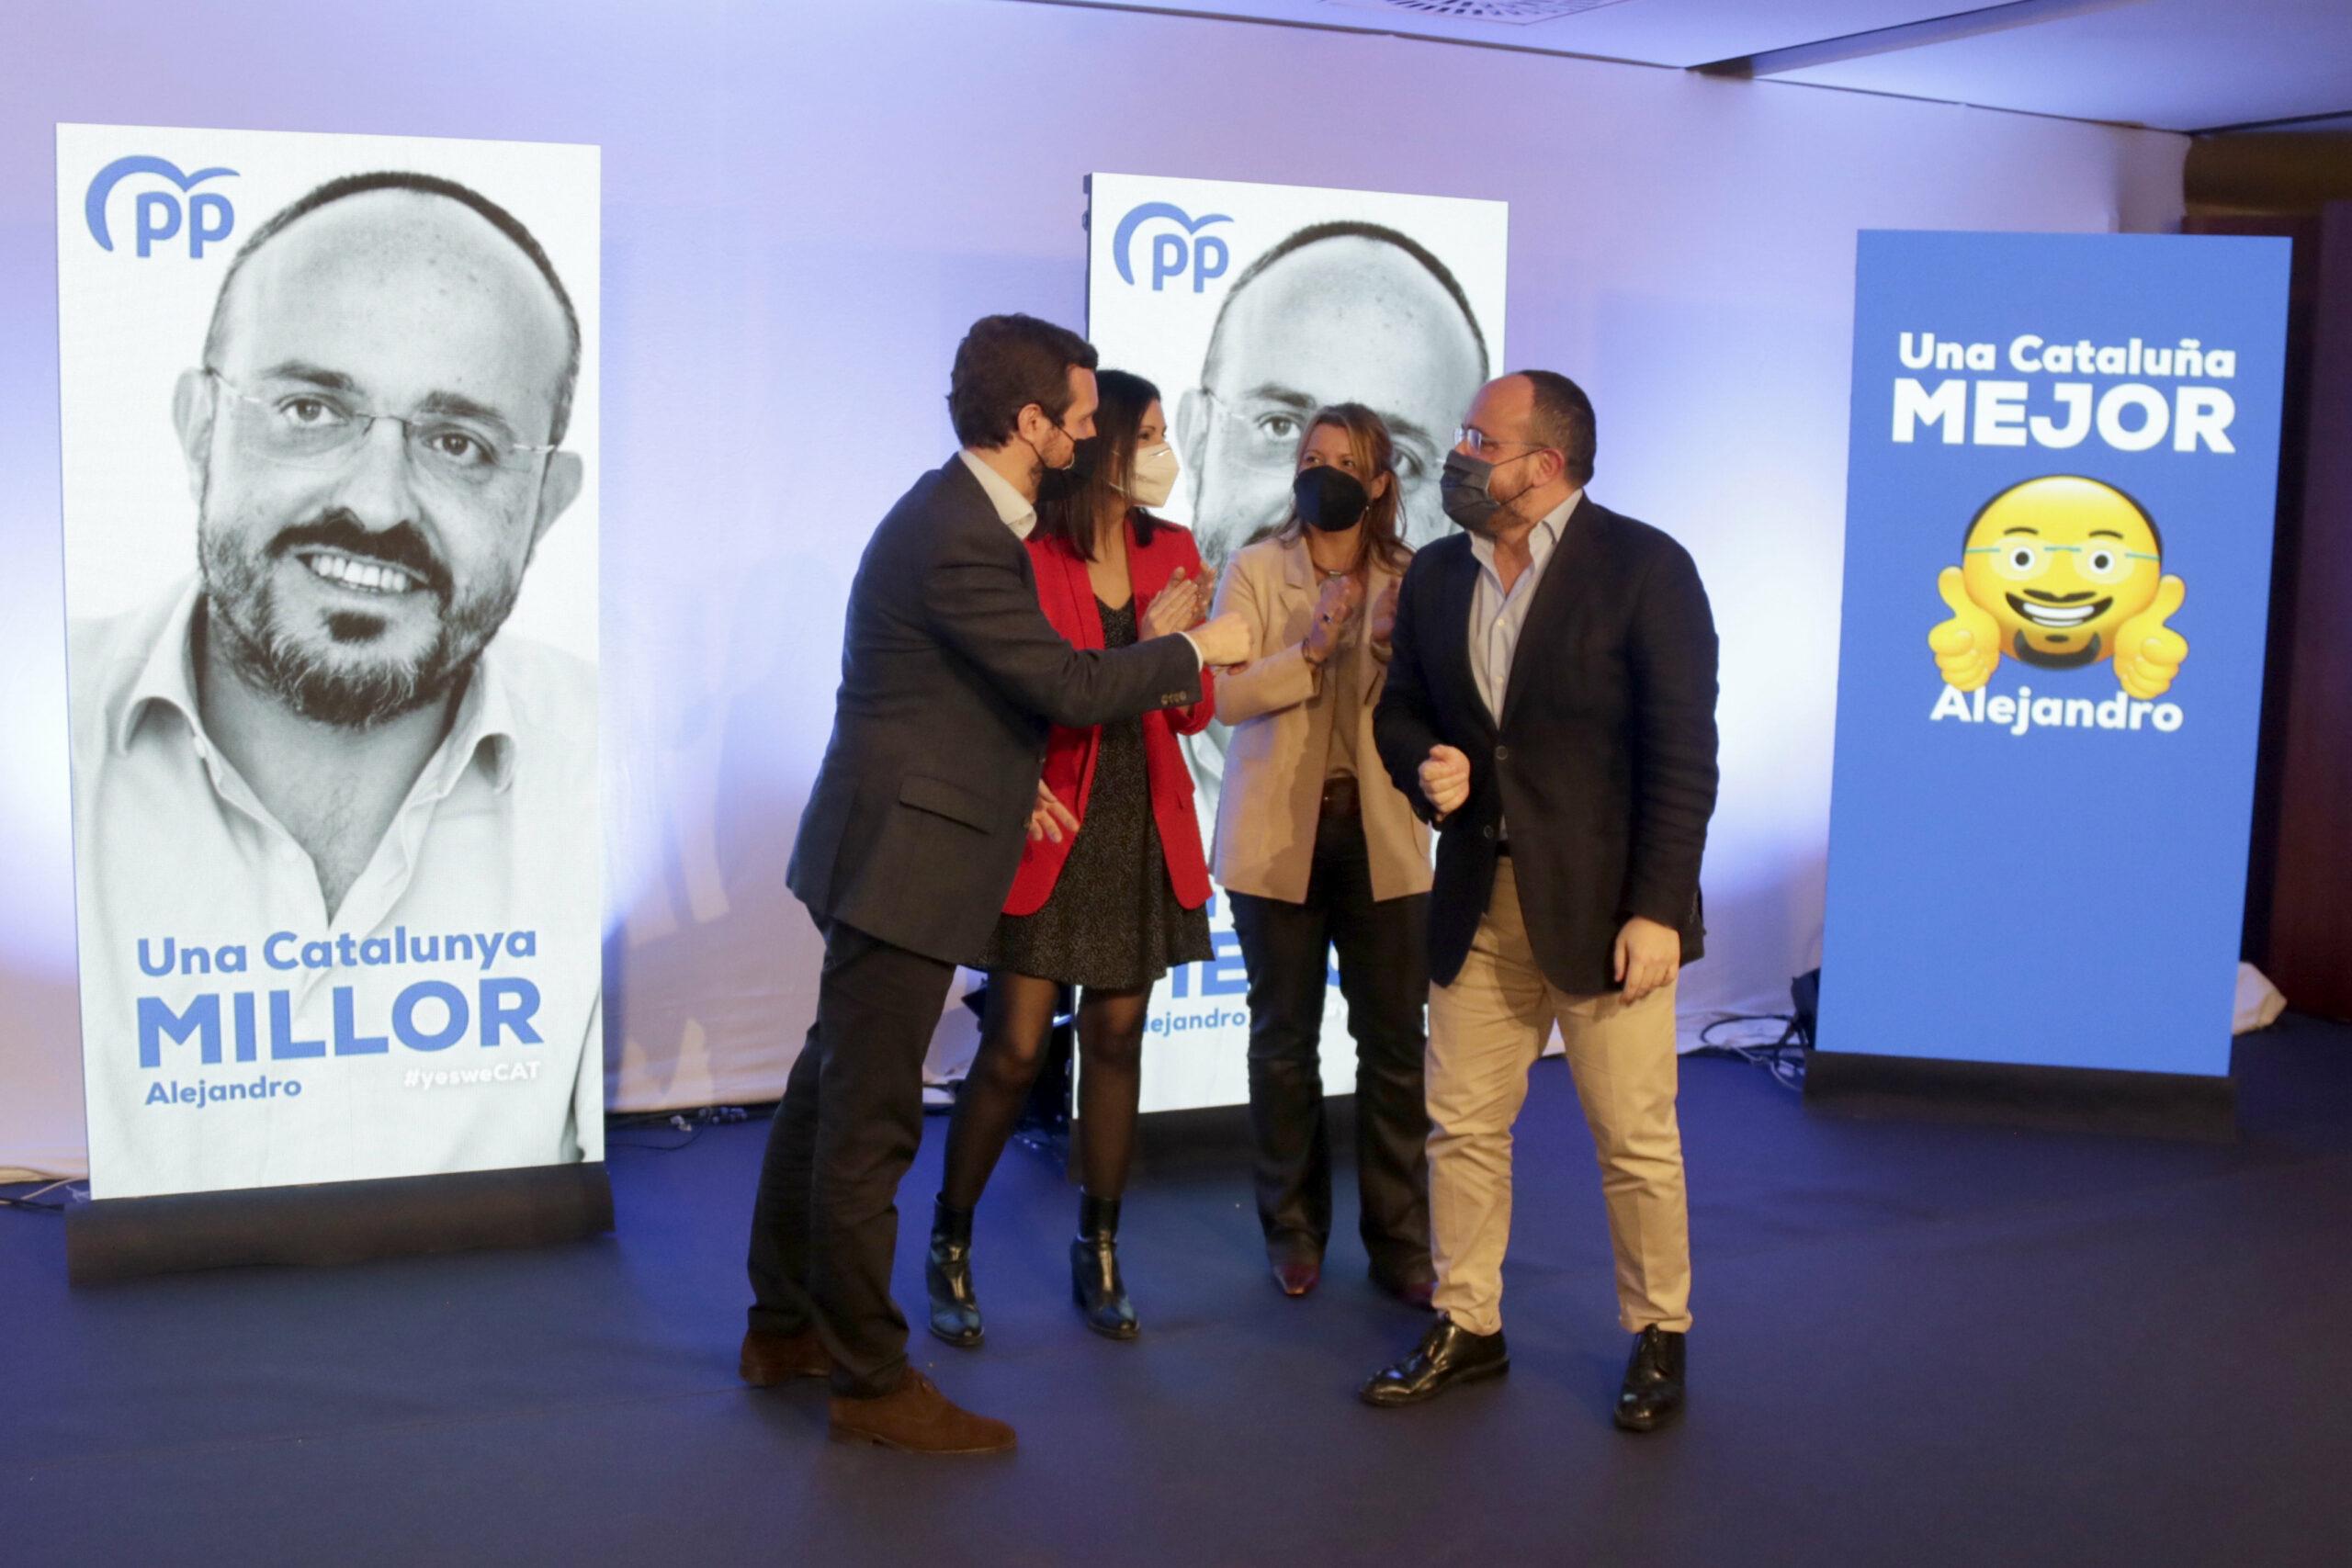 El president del PP, Pablo Casado; el candidat del PPC al 14-F, Alejandro Fernández, i les números 2 i 3 de la llista, Eva Parera i Lorena Roldan, durant la descoberta el cartell electoral  / ACN